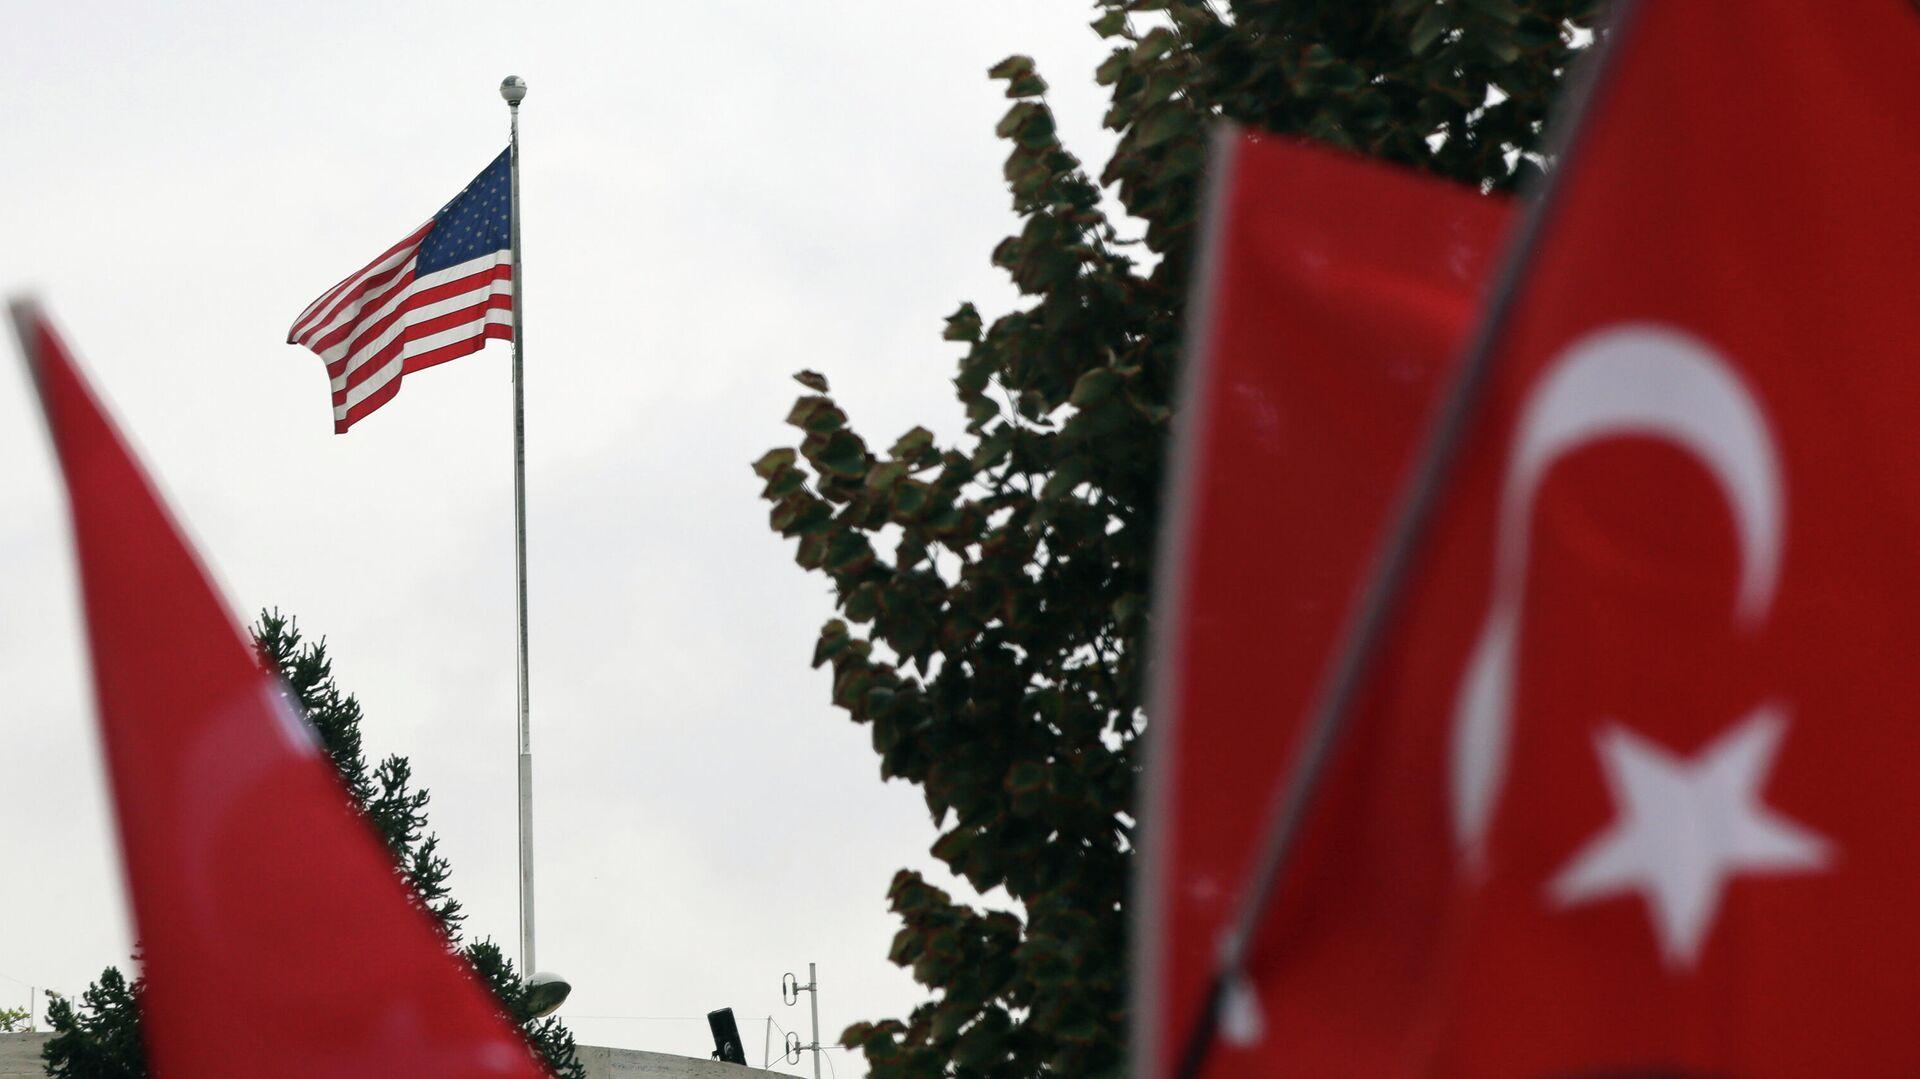 Акция протеста у здания посольства США в Анкаре, Турция - РИА Новости, 1920, 29.04.2021